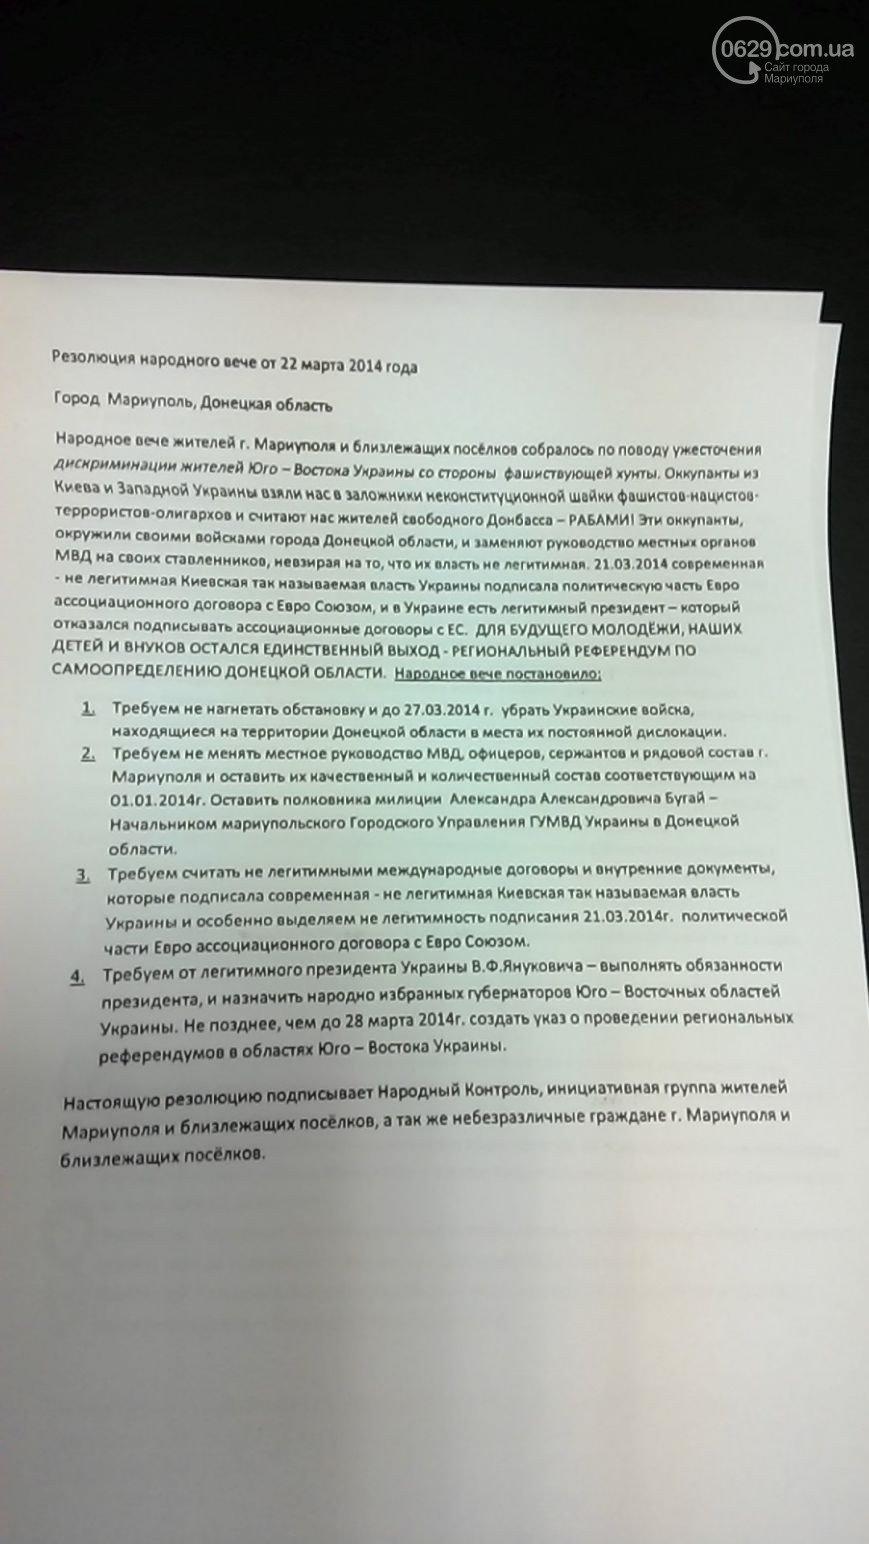 Народное вече выбрало народным мэром Мариуполя Кузьменко (ФОТО+Дополнено), фото-2